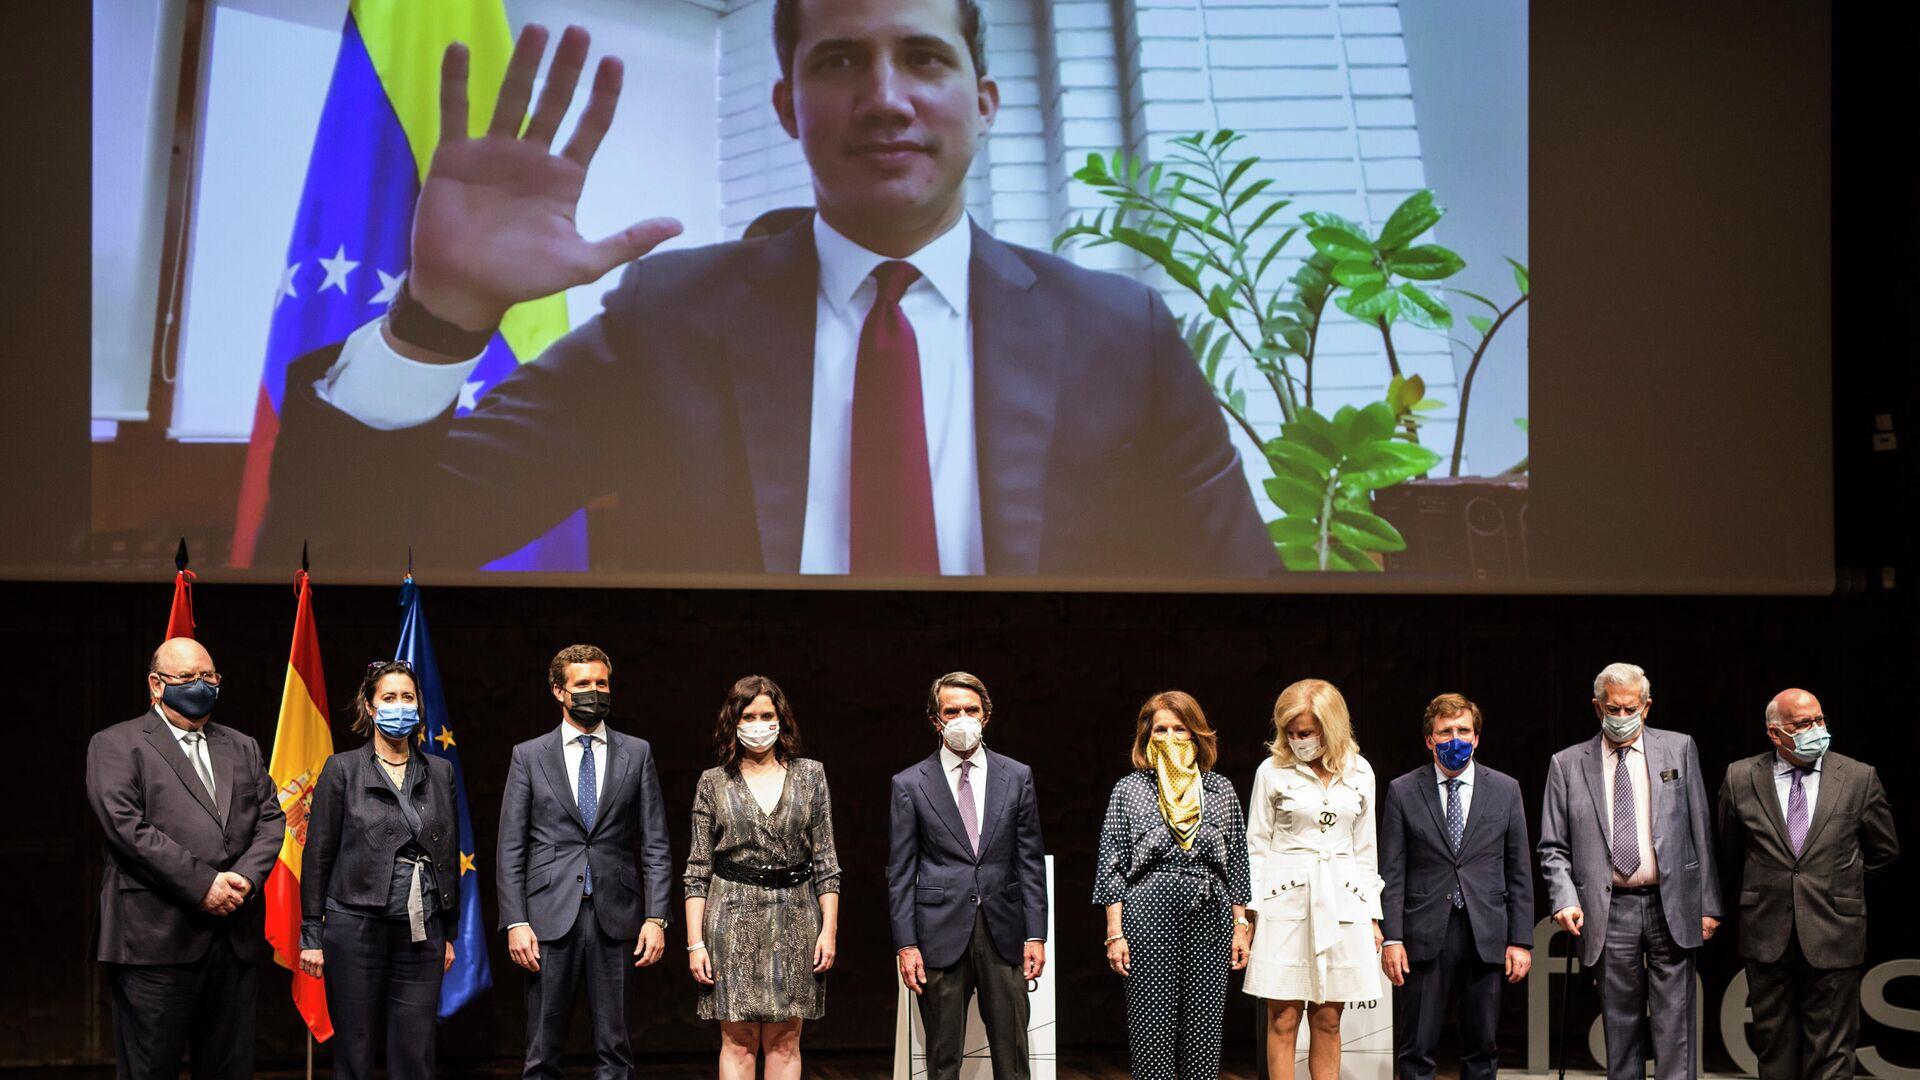 Acto de entrega del Premio FAES de la Libertad a Juan Guaidó - Sputnik Mundo, 1920, 28.05.2021